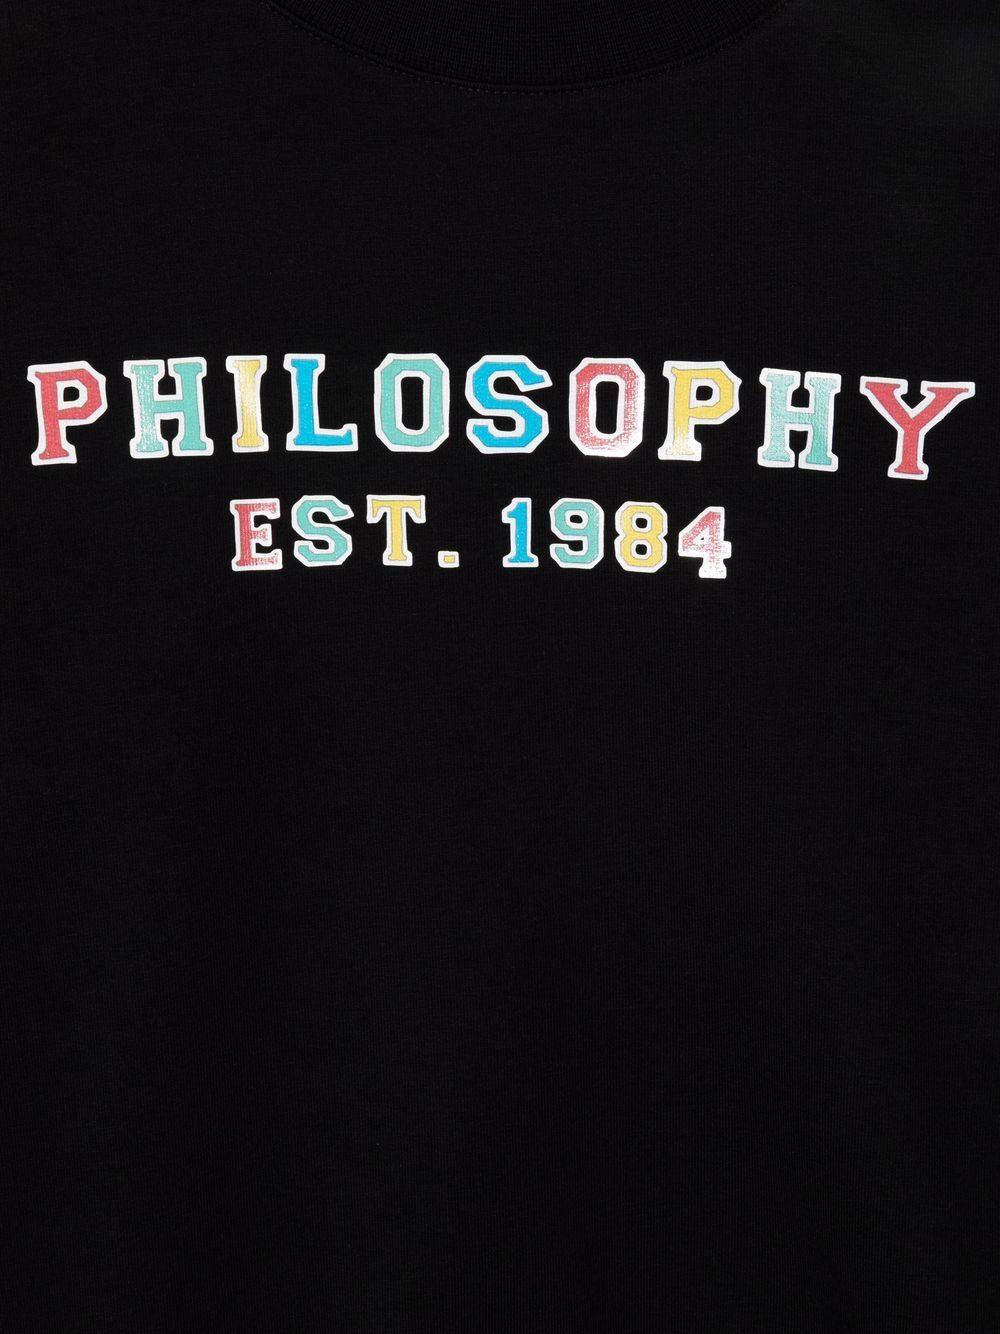 Philosofy kids   Sweatshirt   PJFE56FE147YP002N002